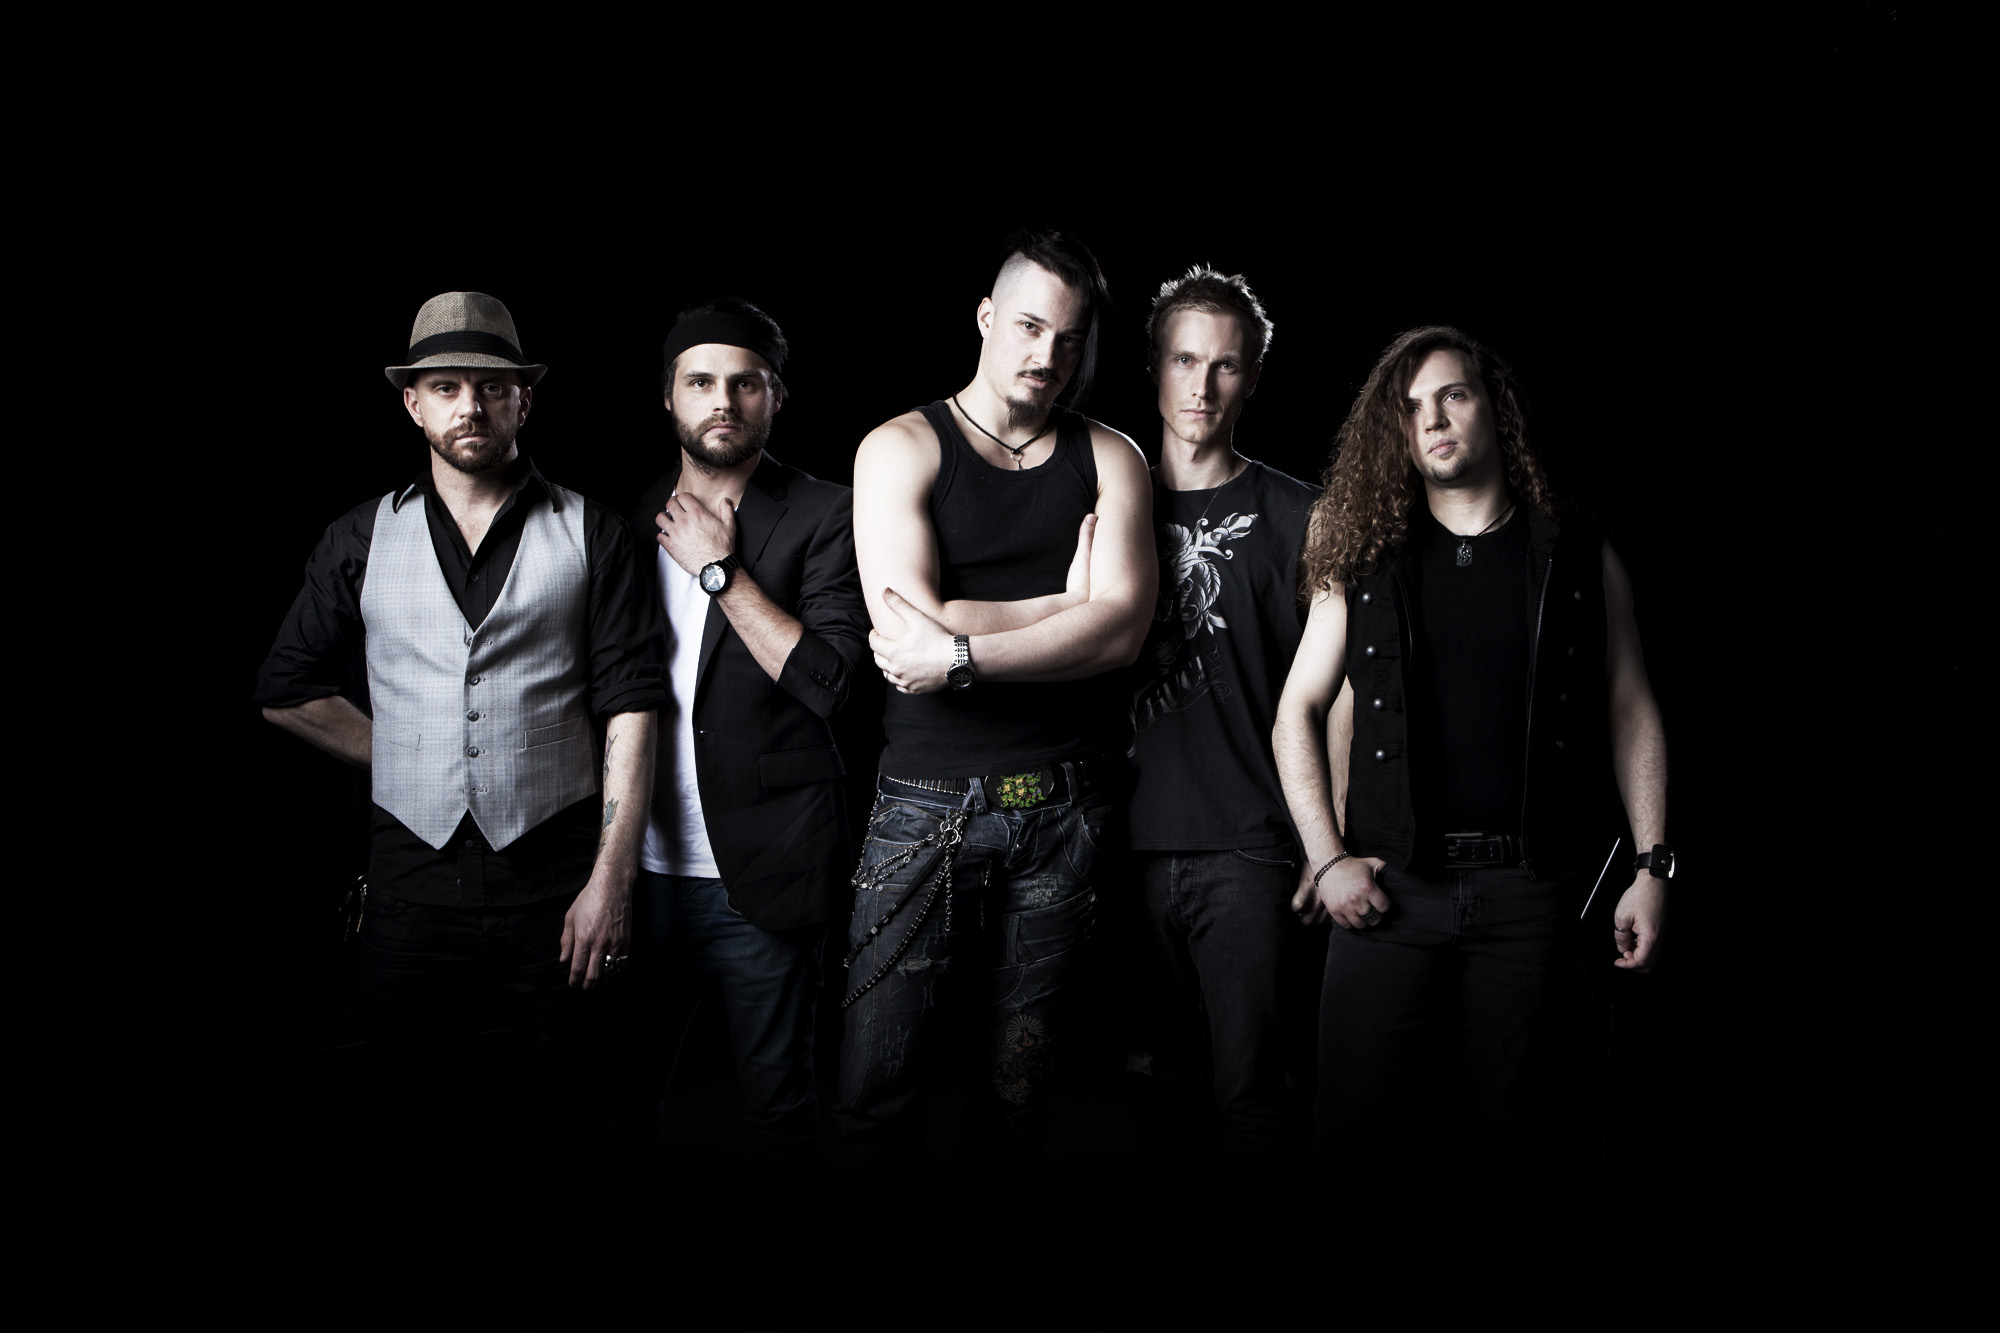 http://www.koritni.com/band_pics/koritni2011_3.jpg